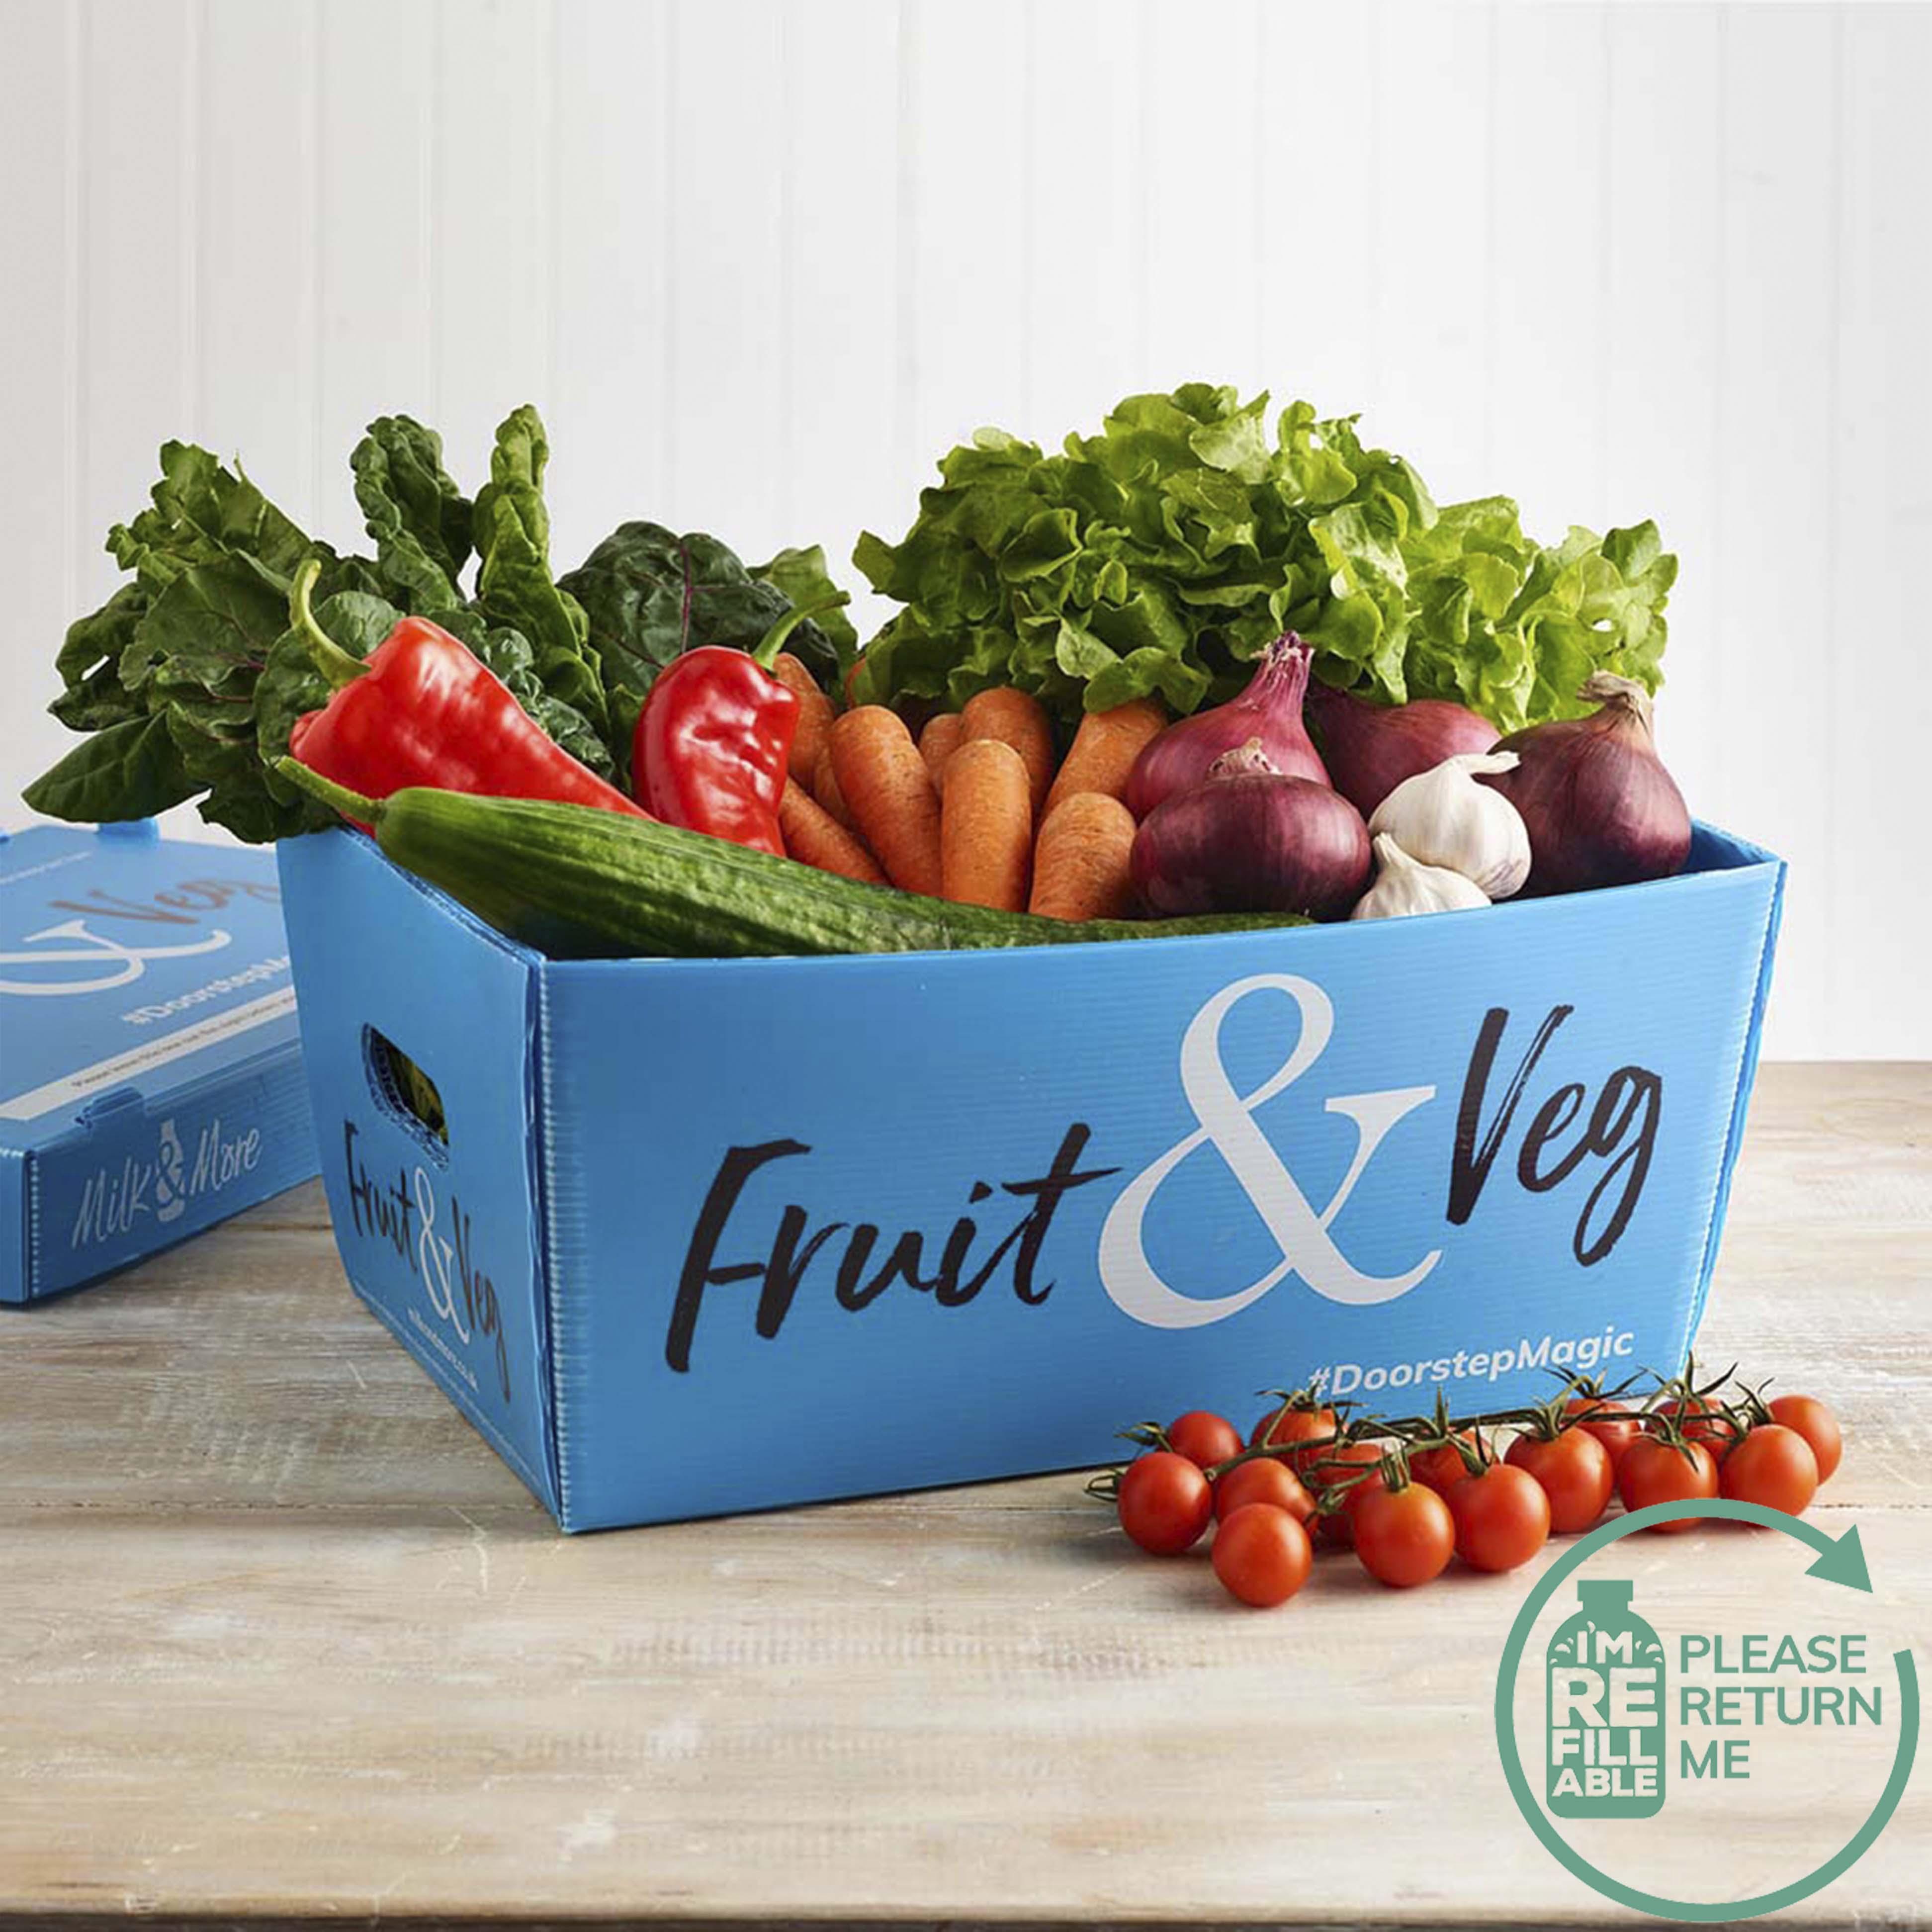 Premium Organic Veg Box